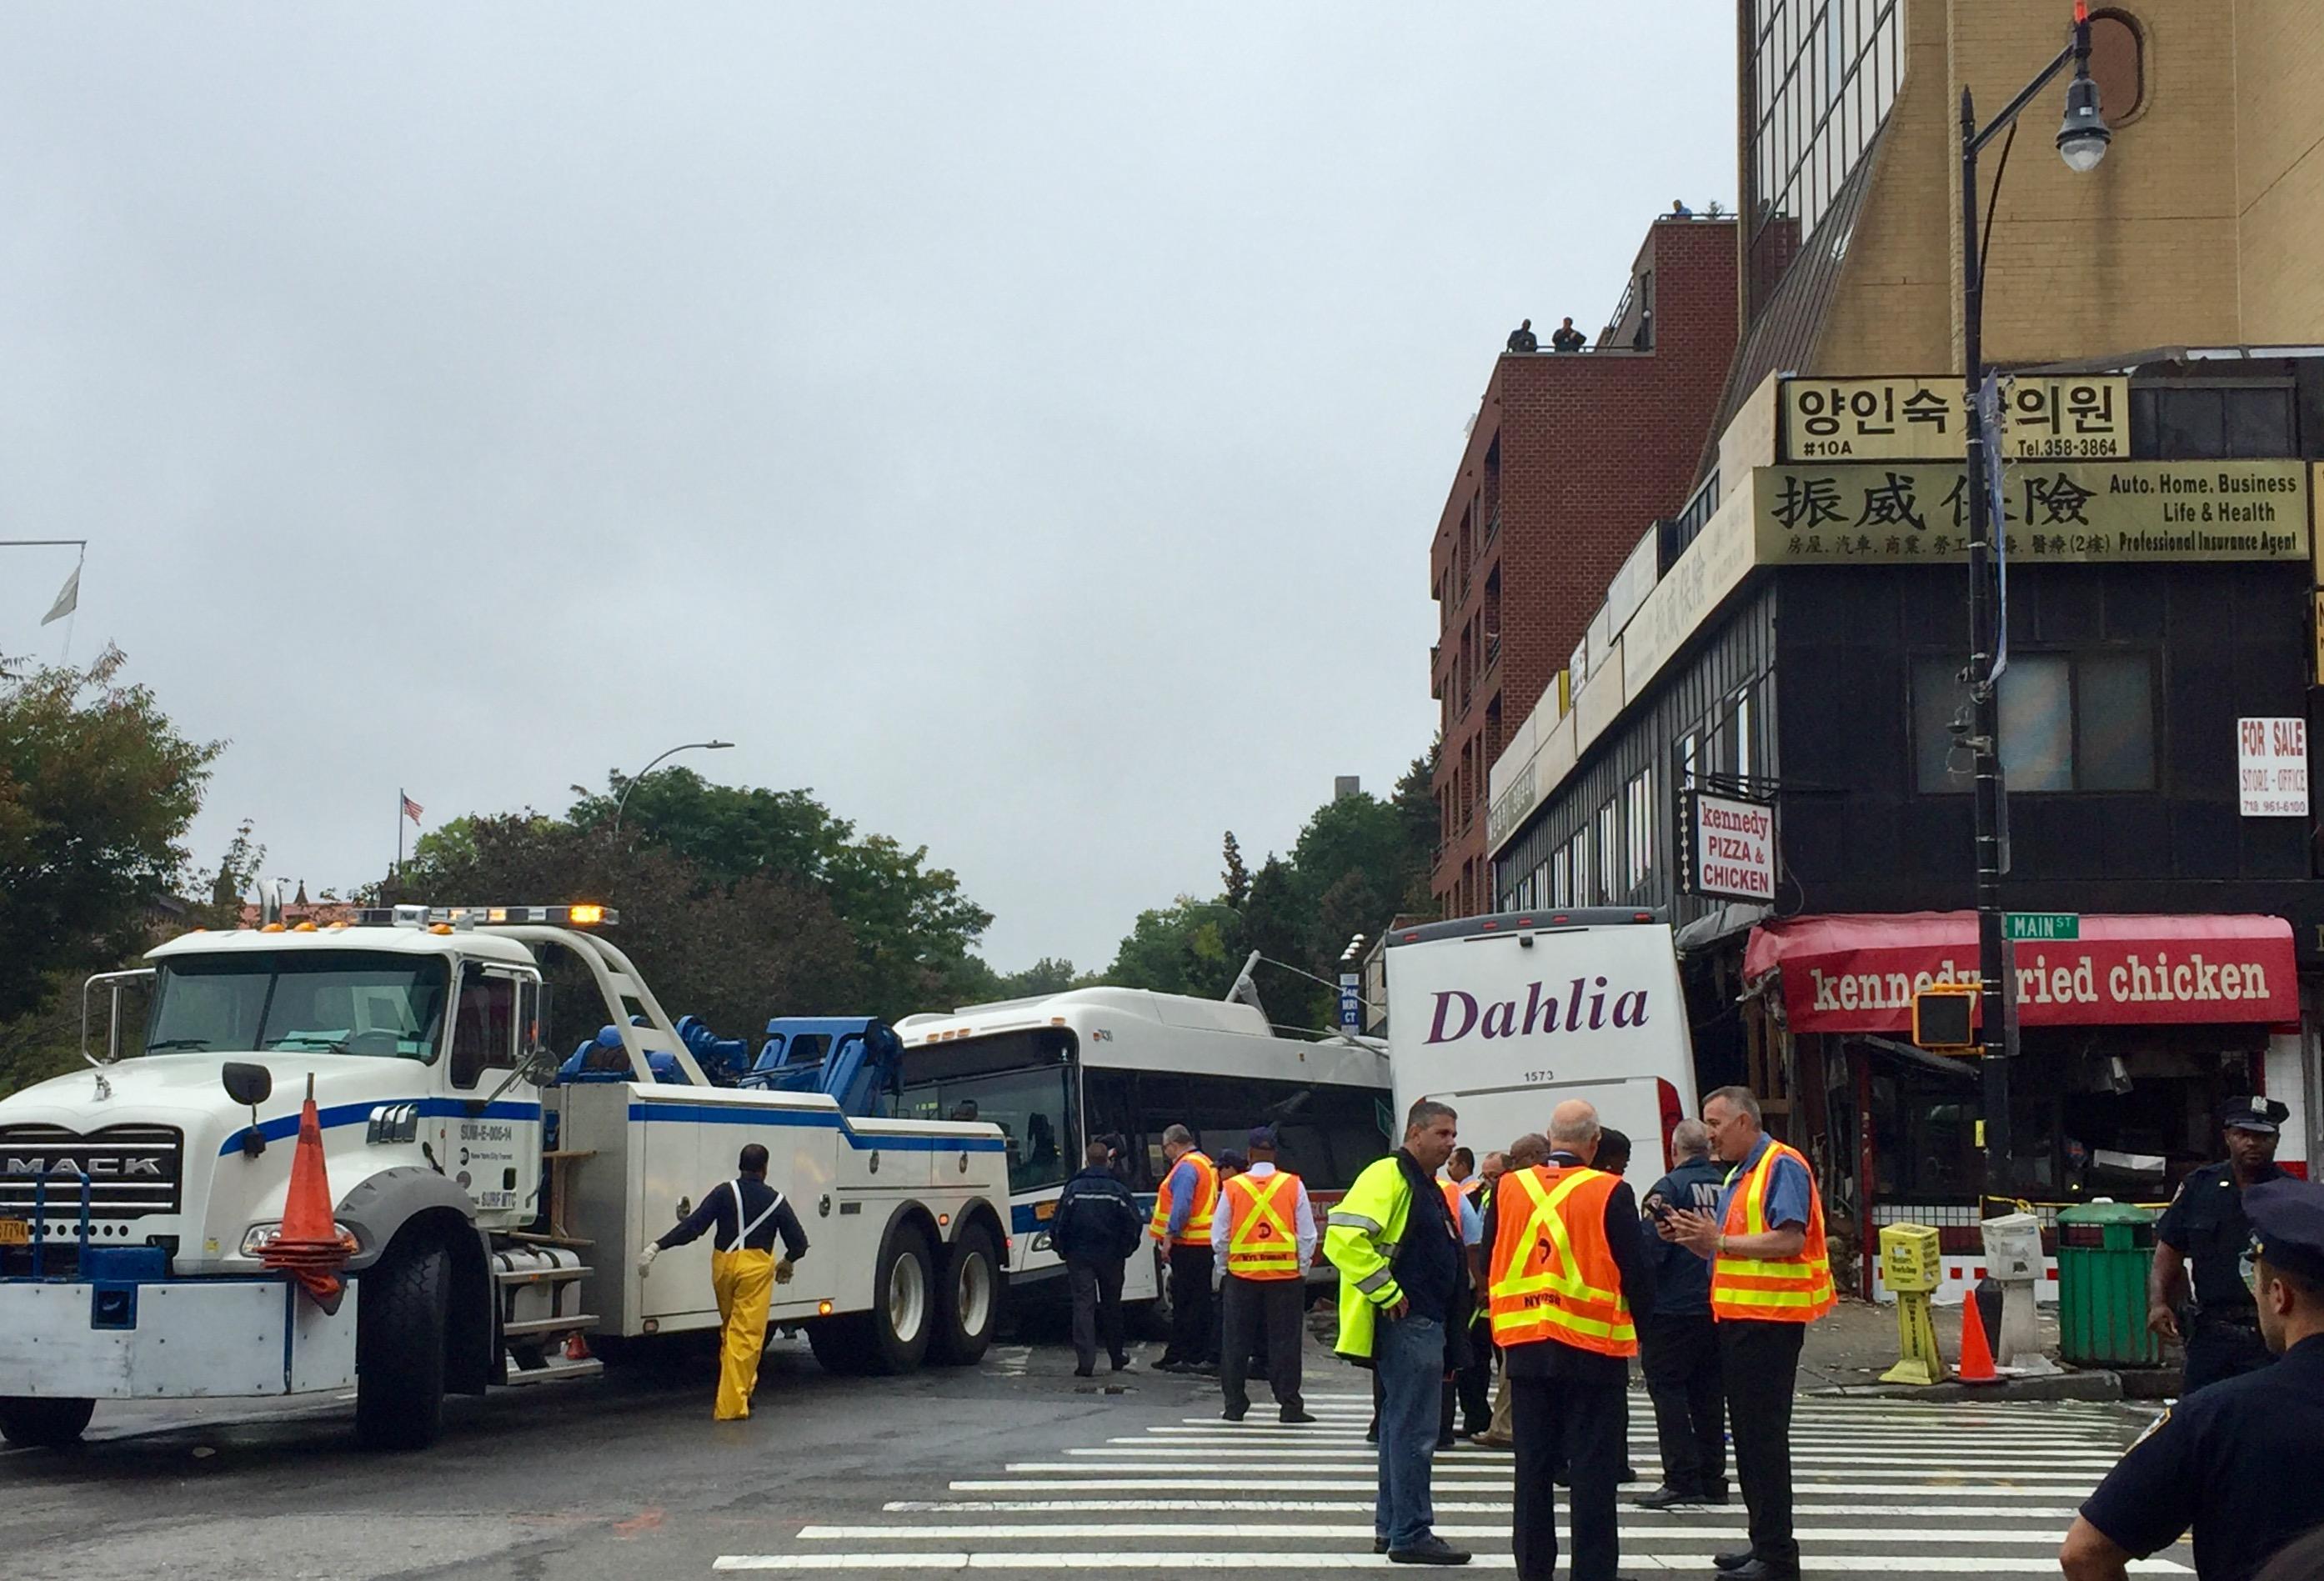 法拉盛發生重大車禍 3死15傷。圖為事發現場。記者朱蕾